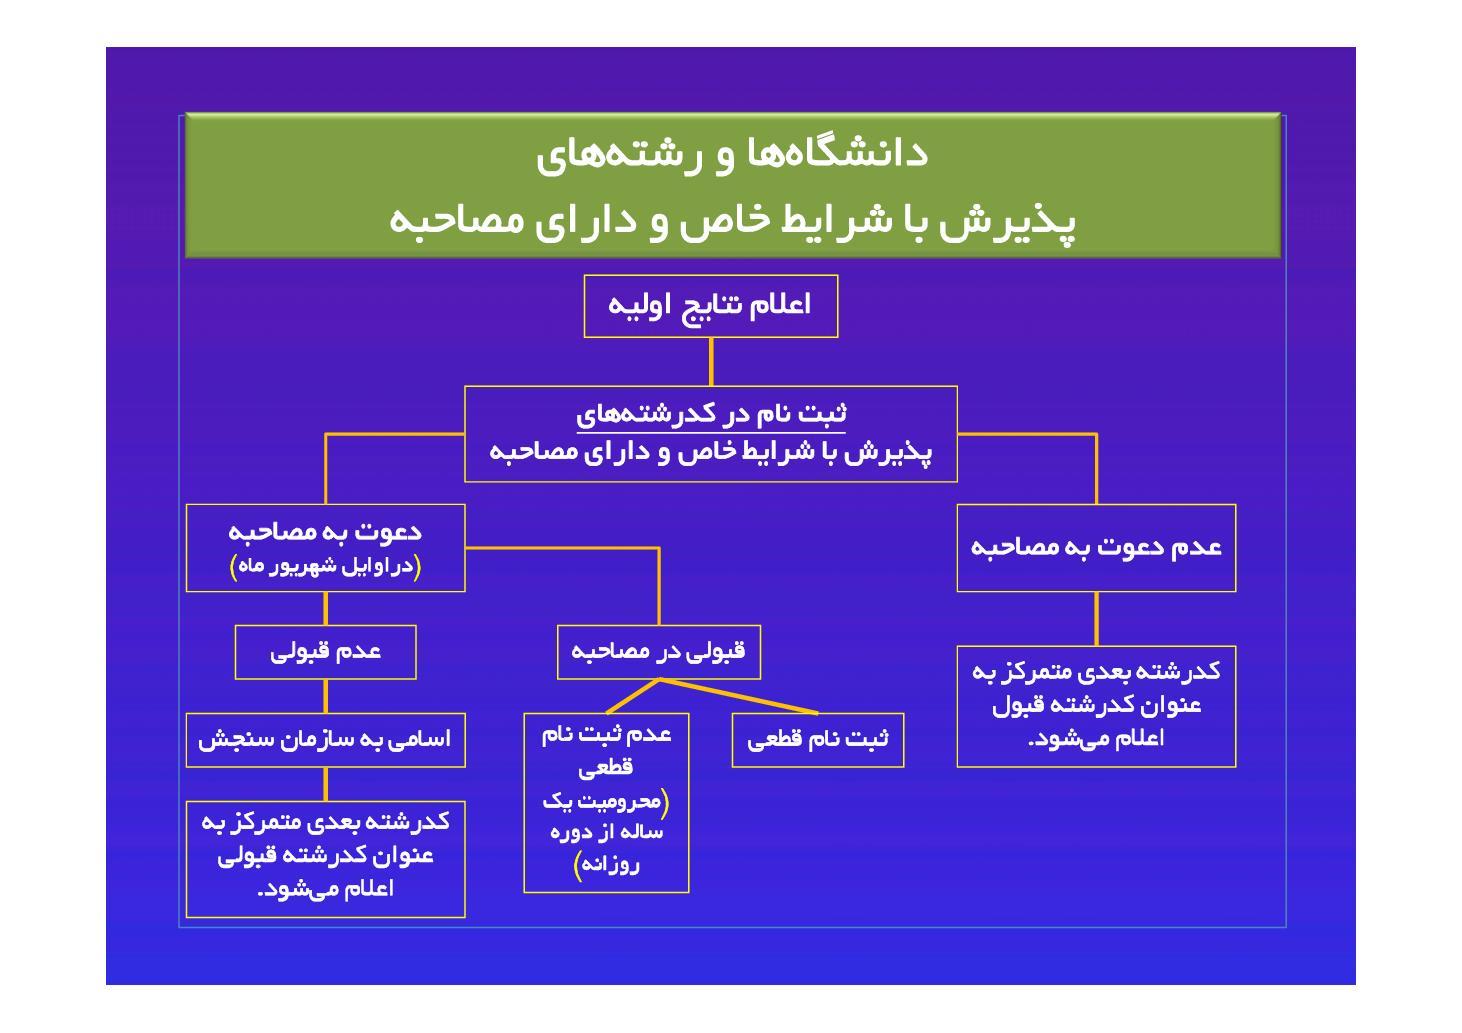 گزینه جوان / 21 مرداد : نقش خانواده در انتخاب رشته مناسب - قسمت دوم/  نقش بومی گزینی در انتخاب رشته (PDF)